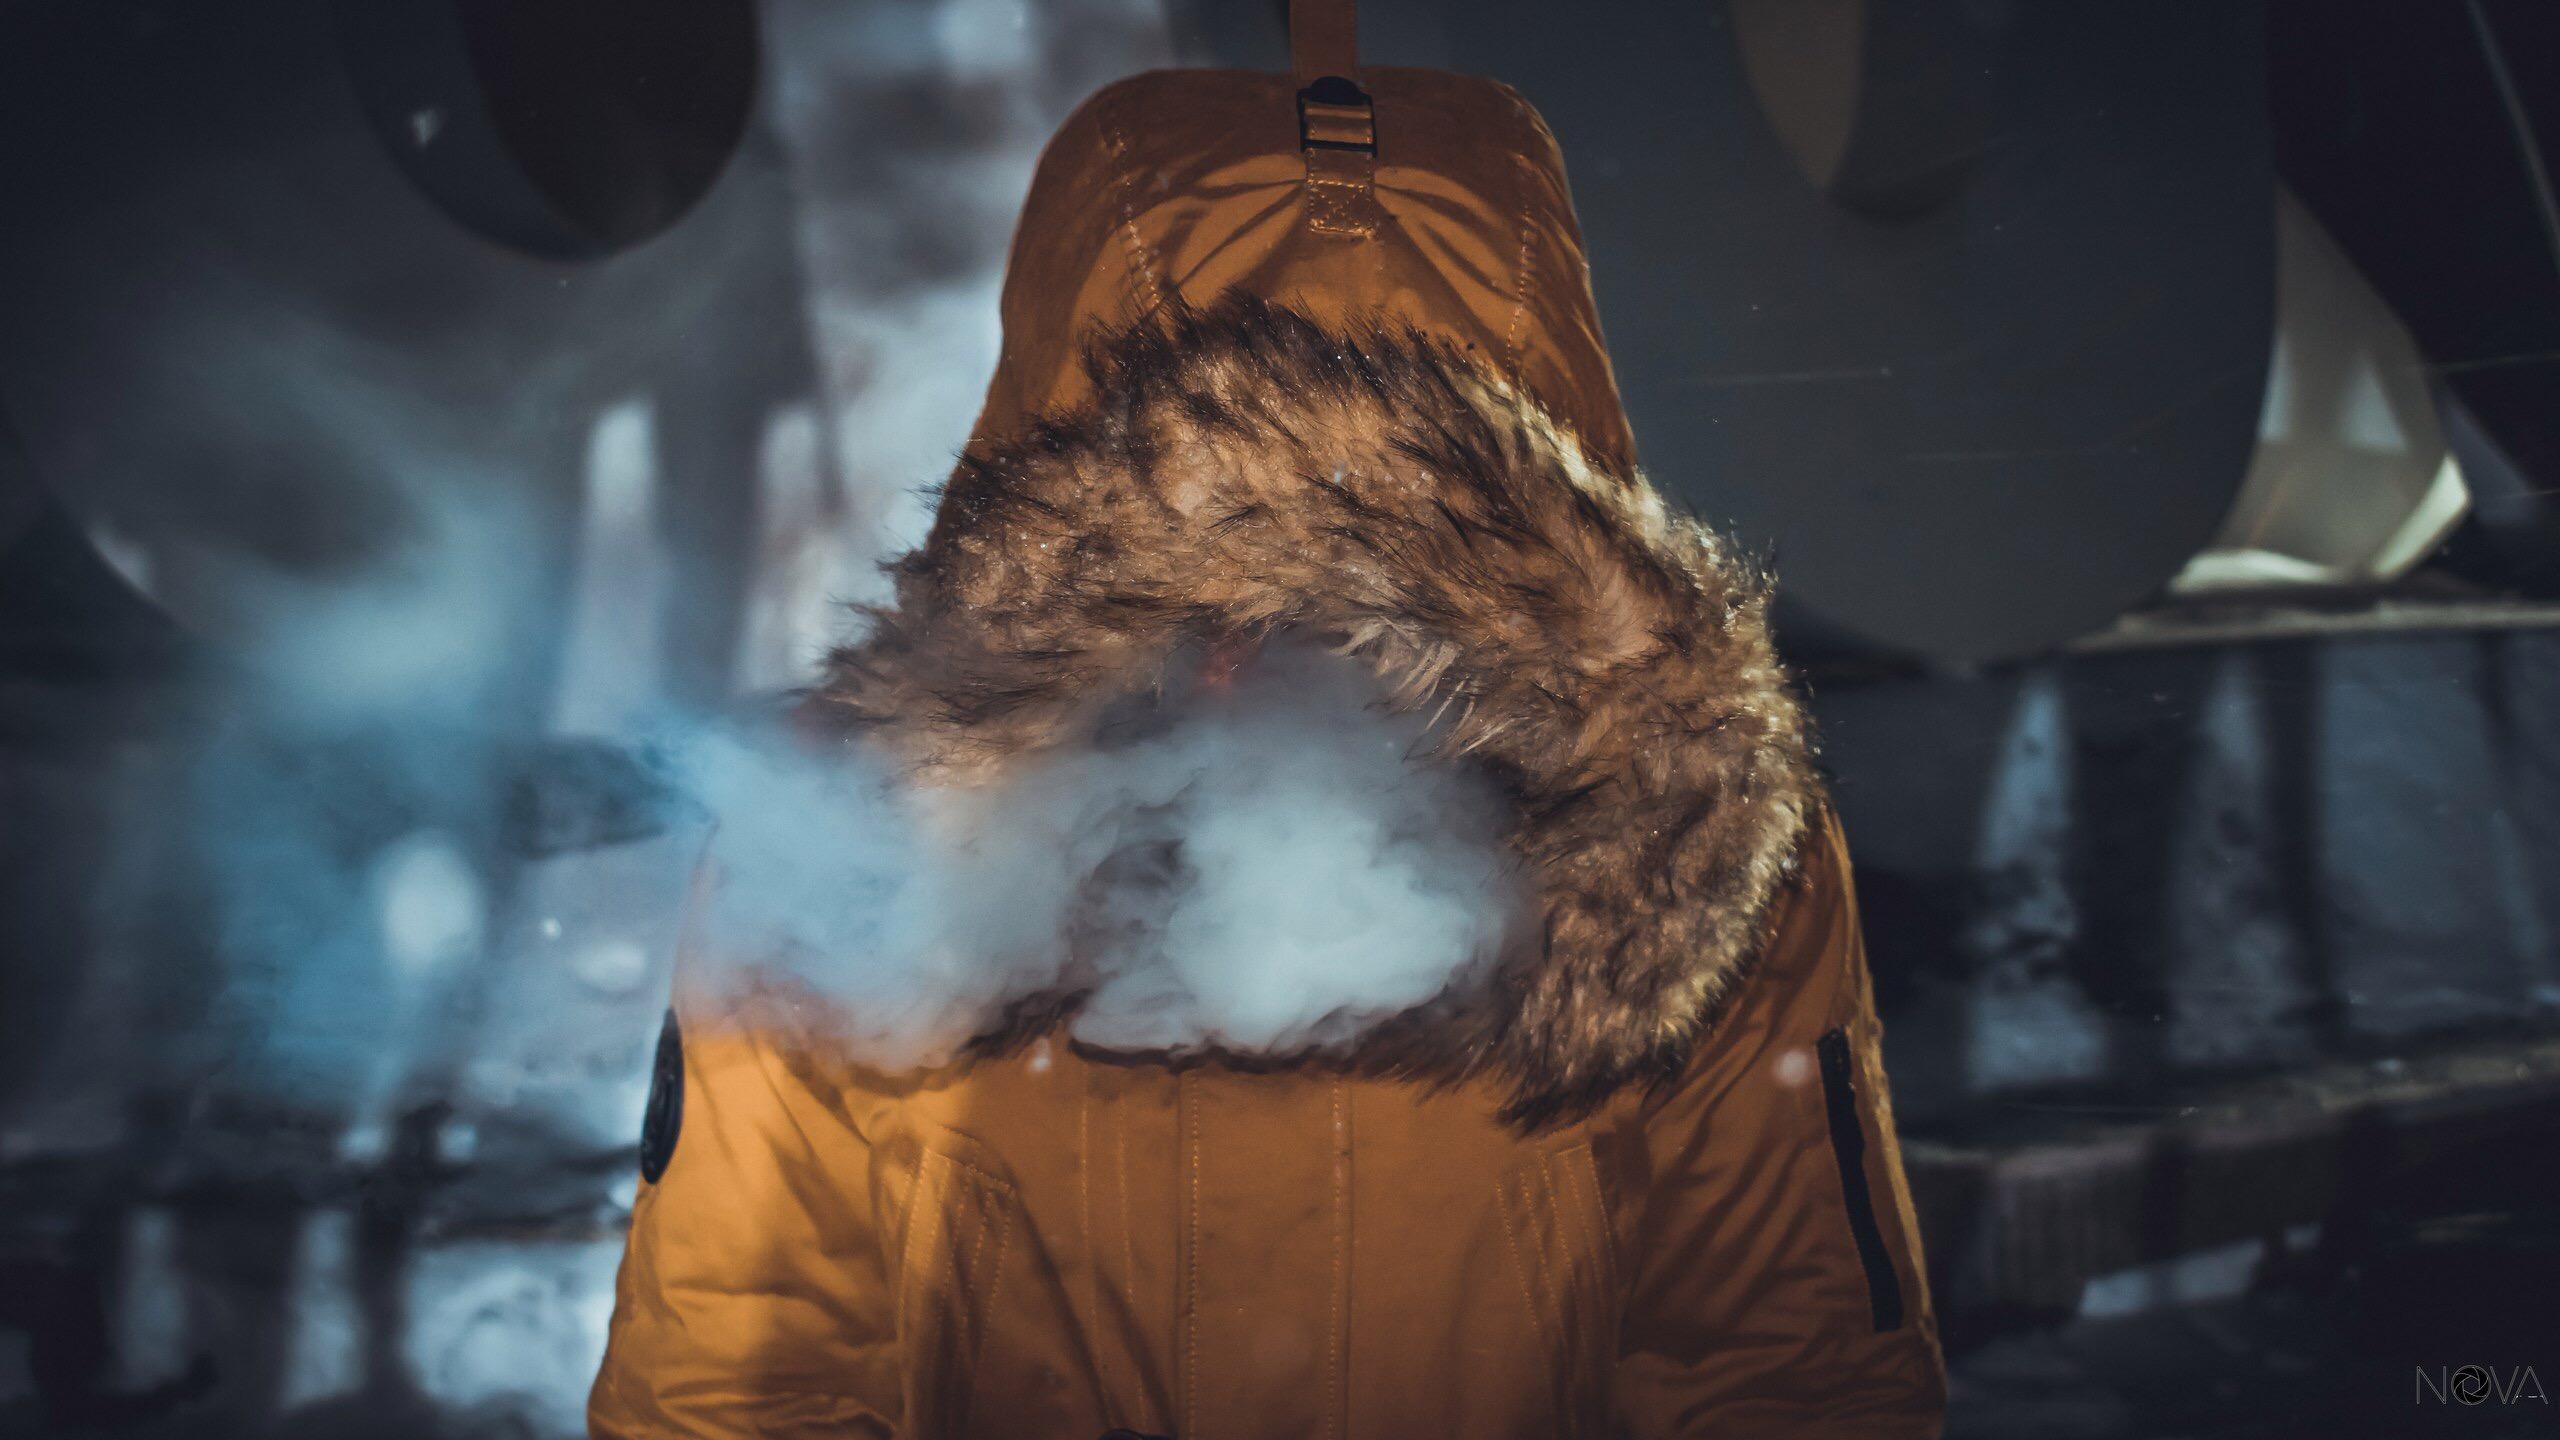 Zdarma hd kouření